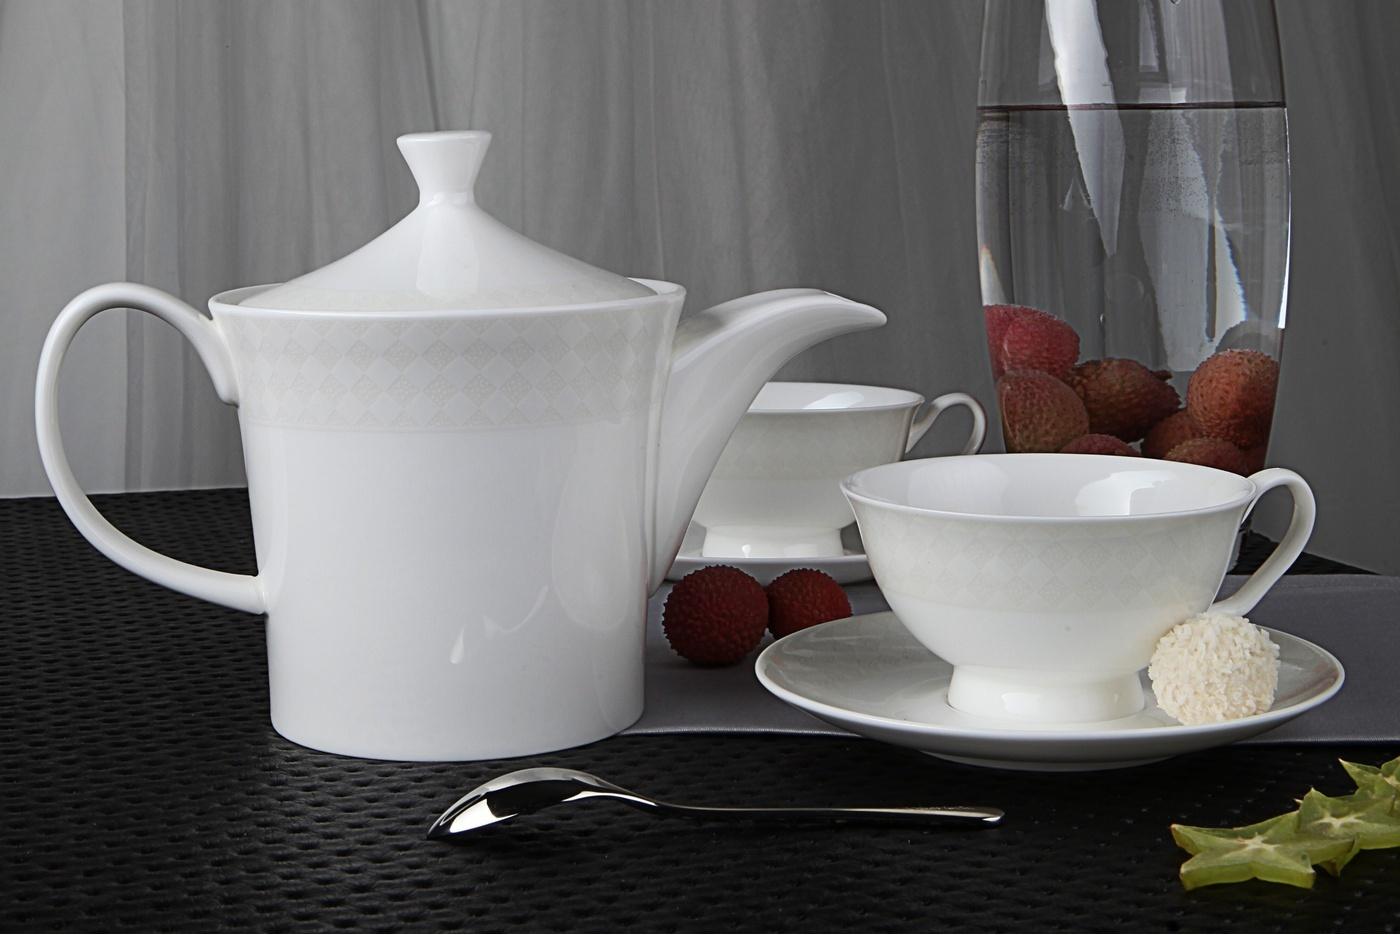 Чайный сервиз Royal Aurel Честер арт.134, 13 предметовЧайные сервизы<br>Чайный сервиз Royal Aurel Честер арт.134, 13 предметов<br><br><br><br><br><br><br><br><br><br><br>Чашка 300 мл,6 шт.<br>Блюдце 15 см,6 шт.<br>Чайник 1300 мл<br><br><br><br><br><br><br>Производить посуду из фарфора начали в Китае на стыке 6-7 веков. Неустанно совершенствуя и селективно отбирая сырье для производства посуды из фарфора, мастерам удалось добиться выдающихся характеристик фарфора: белизны и тонкостенности. В XV веке появился особый интерес к китайской фарфоровой посуде, так как в это время Европе возникла мода на самобытные китайские вещи. Роскошный китайский фарфор являлся изыском и был в новинку, поэтому он выступал в качестве подарка королям, а также знатным людям. Такой дорогой подарок был очень престижен и по праву являлся элитной посудой. Как известно из многочисленных исторических документов, в Европе китайские изделия из фарфора ценились практически как золото. <br>Проверка изделий из костяного фарфора на подлинность <br>По сравнению с производством других видов фарфора процесс производства изделий из настоящего костяного фарфора сложен и весьма длителен. Посуда из изящного фарфора - это элитная посуда, которая всегда ассоциируется с богатством, величием и благородством. Несмотря на небольшую толщину, фарфоровая посуда - это очень прочное изделие. Для демонстрации плотности и прочности фарфора можно легко коснуться предметов посуды из фарфора деревянной палочкой, и тогда мы услушим характерный металлический звон. В составе фарфоровой посуды присутствует костяная зола, благодаря чему она может быть намного тоньше (не более 2,5 мм) и легче твердого или мягкого фарфора. Безупречная белизна - ключевой признак отличия такого фарфора от других. Цвет обычного фарфора сероватый или ближе к голубоватому, а костяной фарфор будет всегда будет молочно-белого цвета. Характерная и немаловажная деталь - это невесомая прозрачность изделий из фарфора такая, что сквозь него проходит свет.<br>